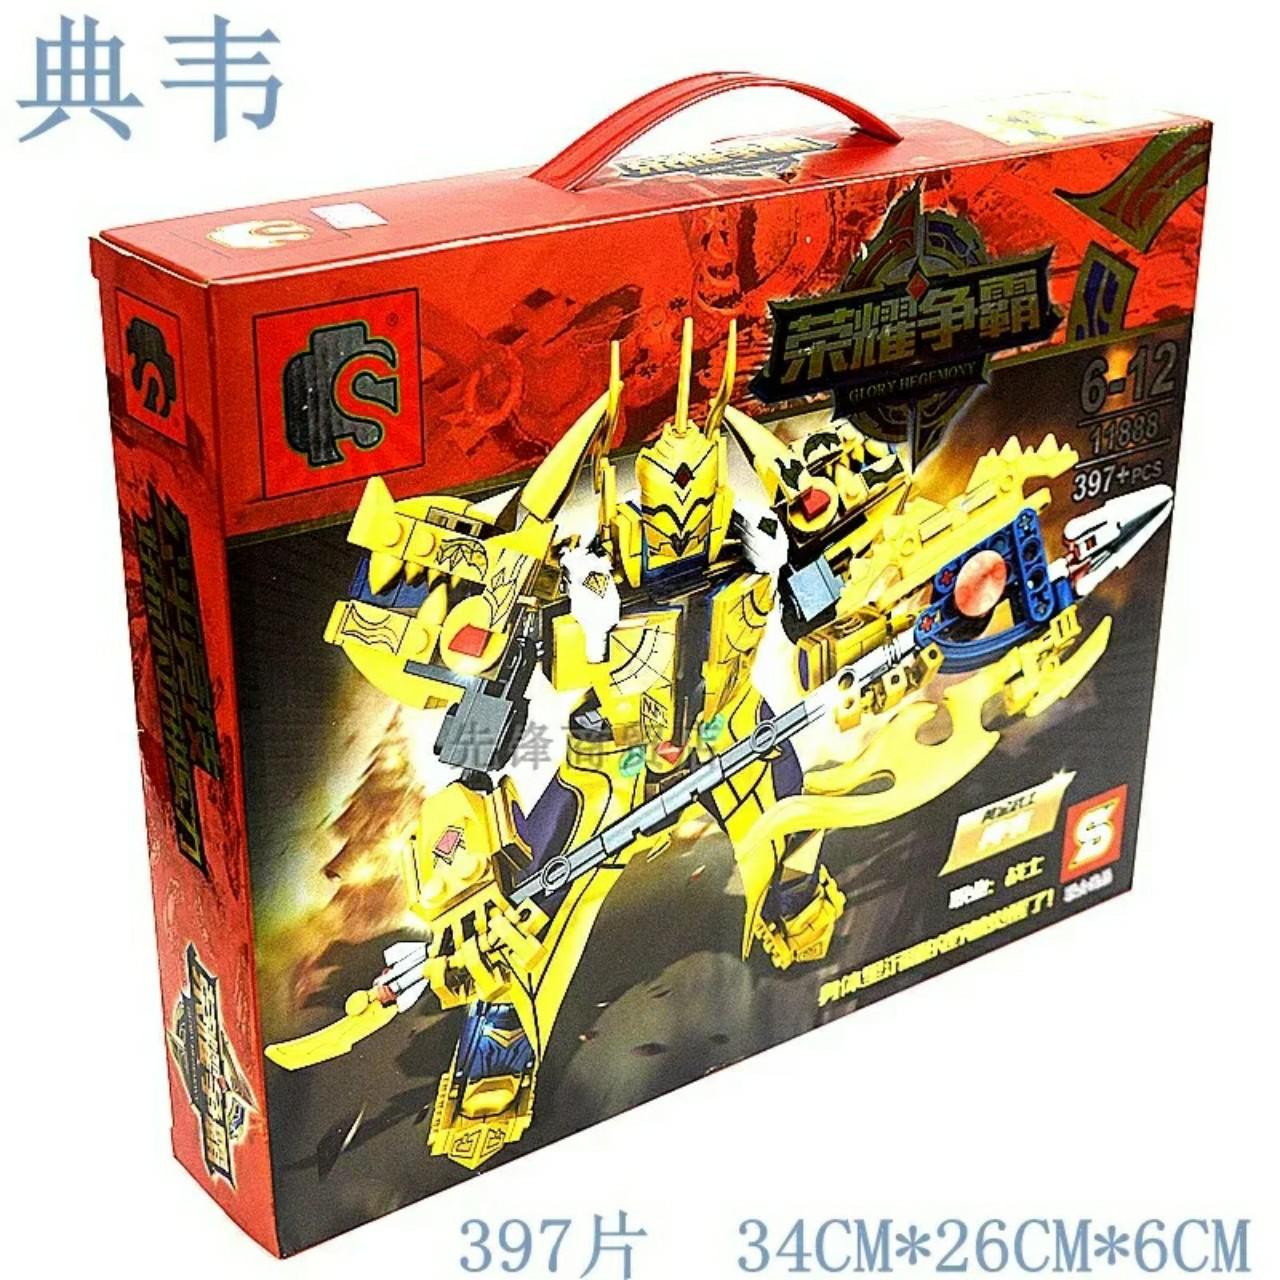 Lego Liên quân Cthulu - Sembo 11888